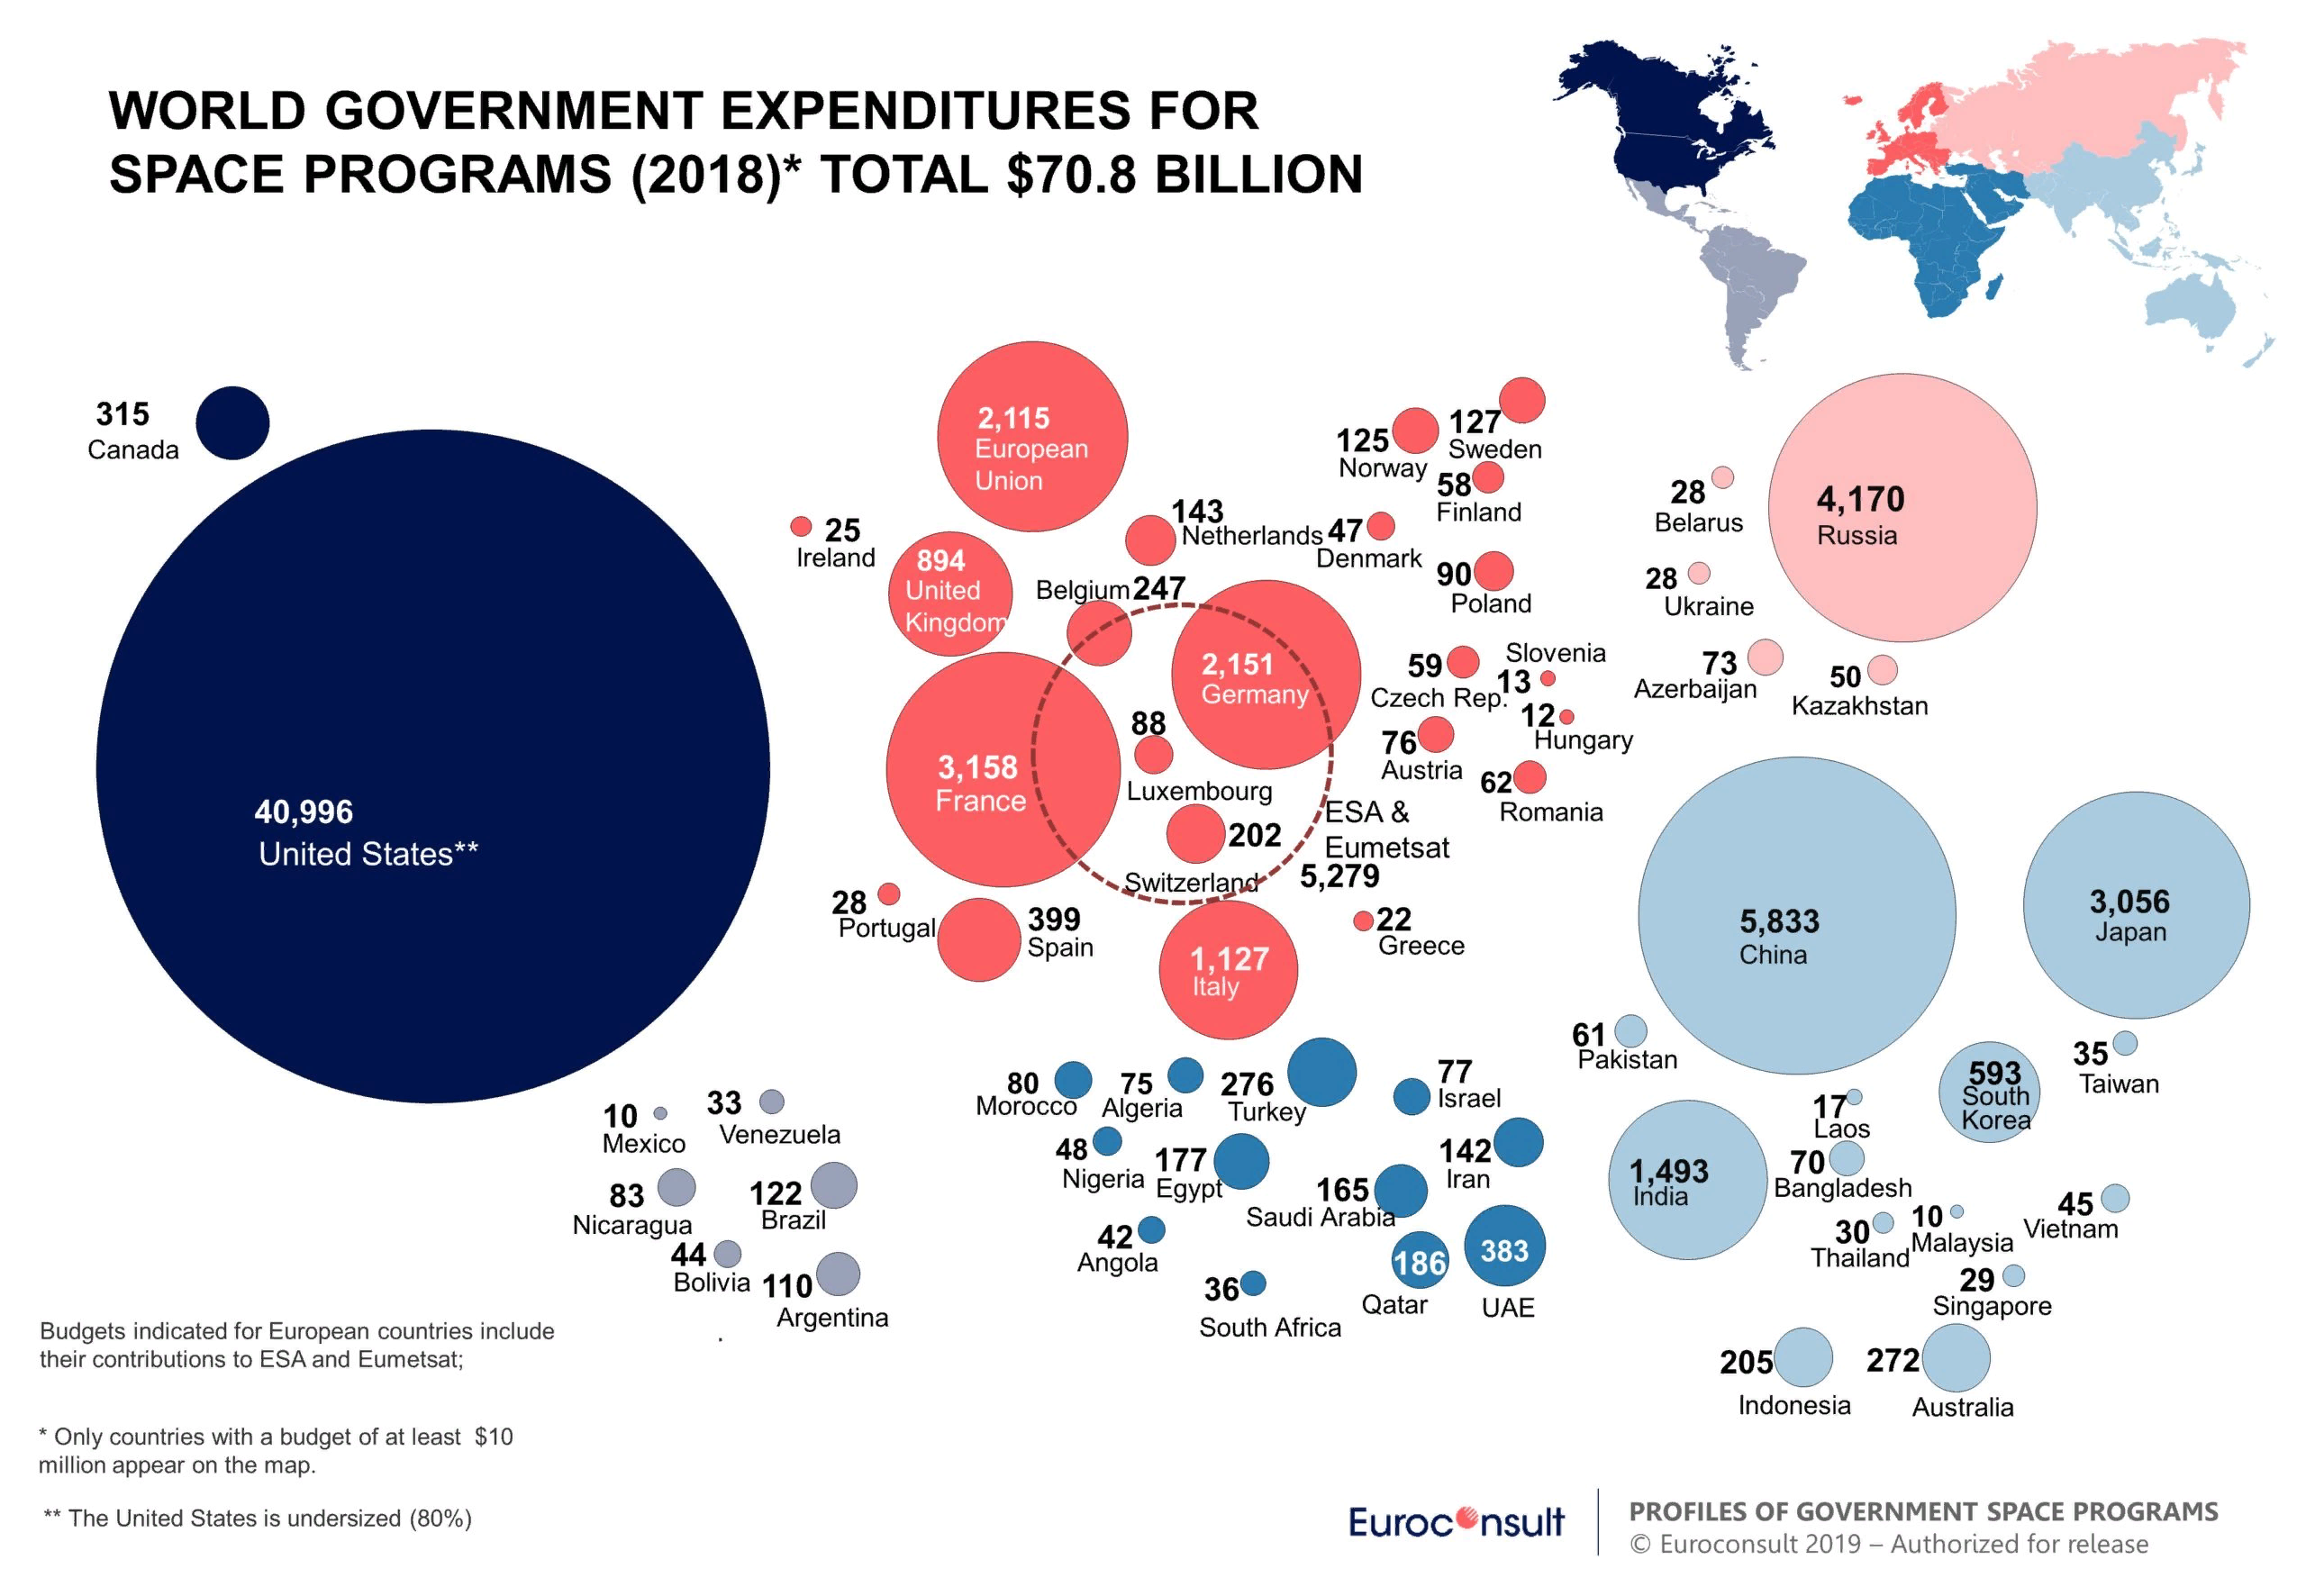 расходы на космос по странам за 2018 год, не самый жирный год